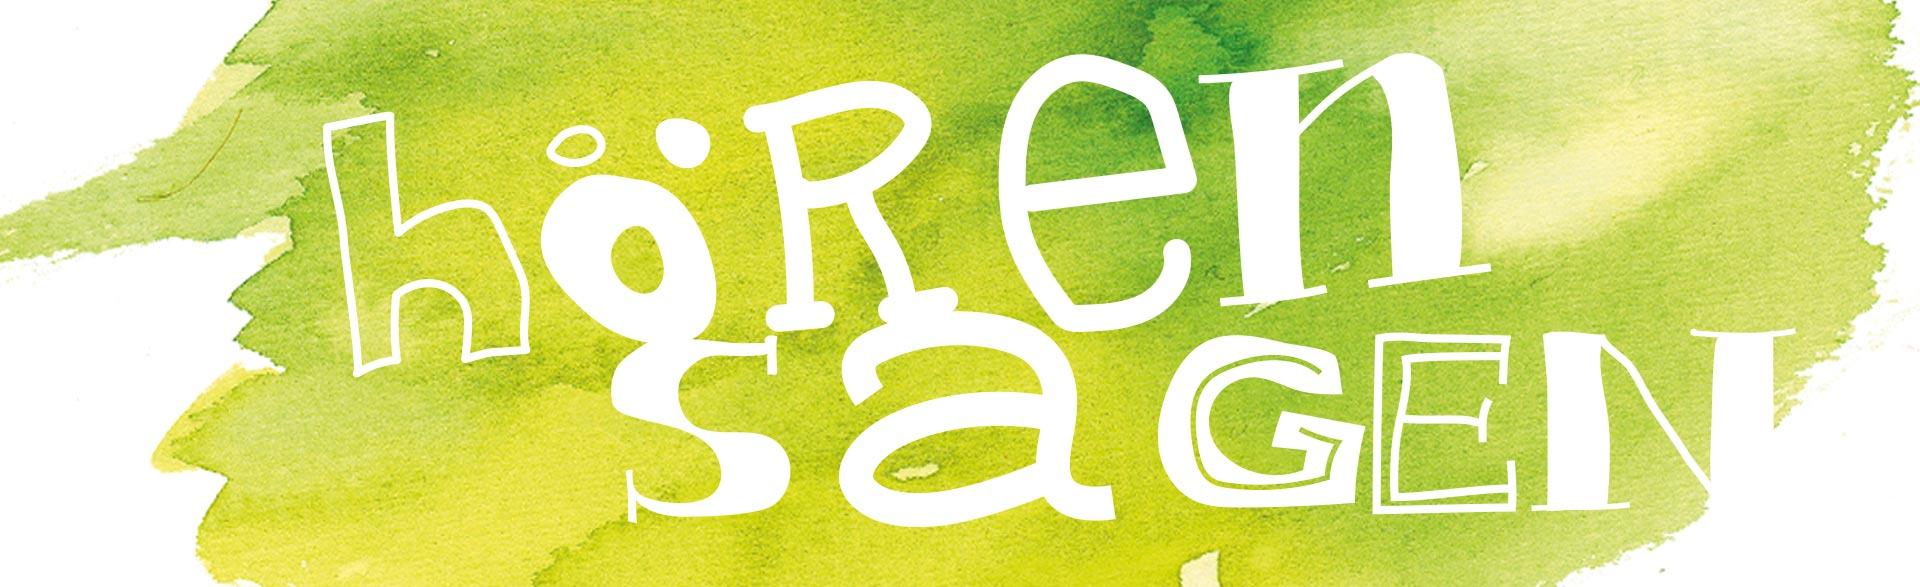 weißer handgeschriebener Schriftzug hörensagen auf grünem Aquarellhintergrund